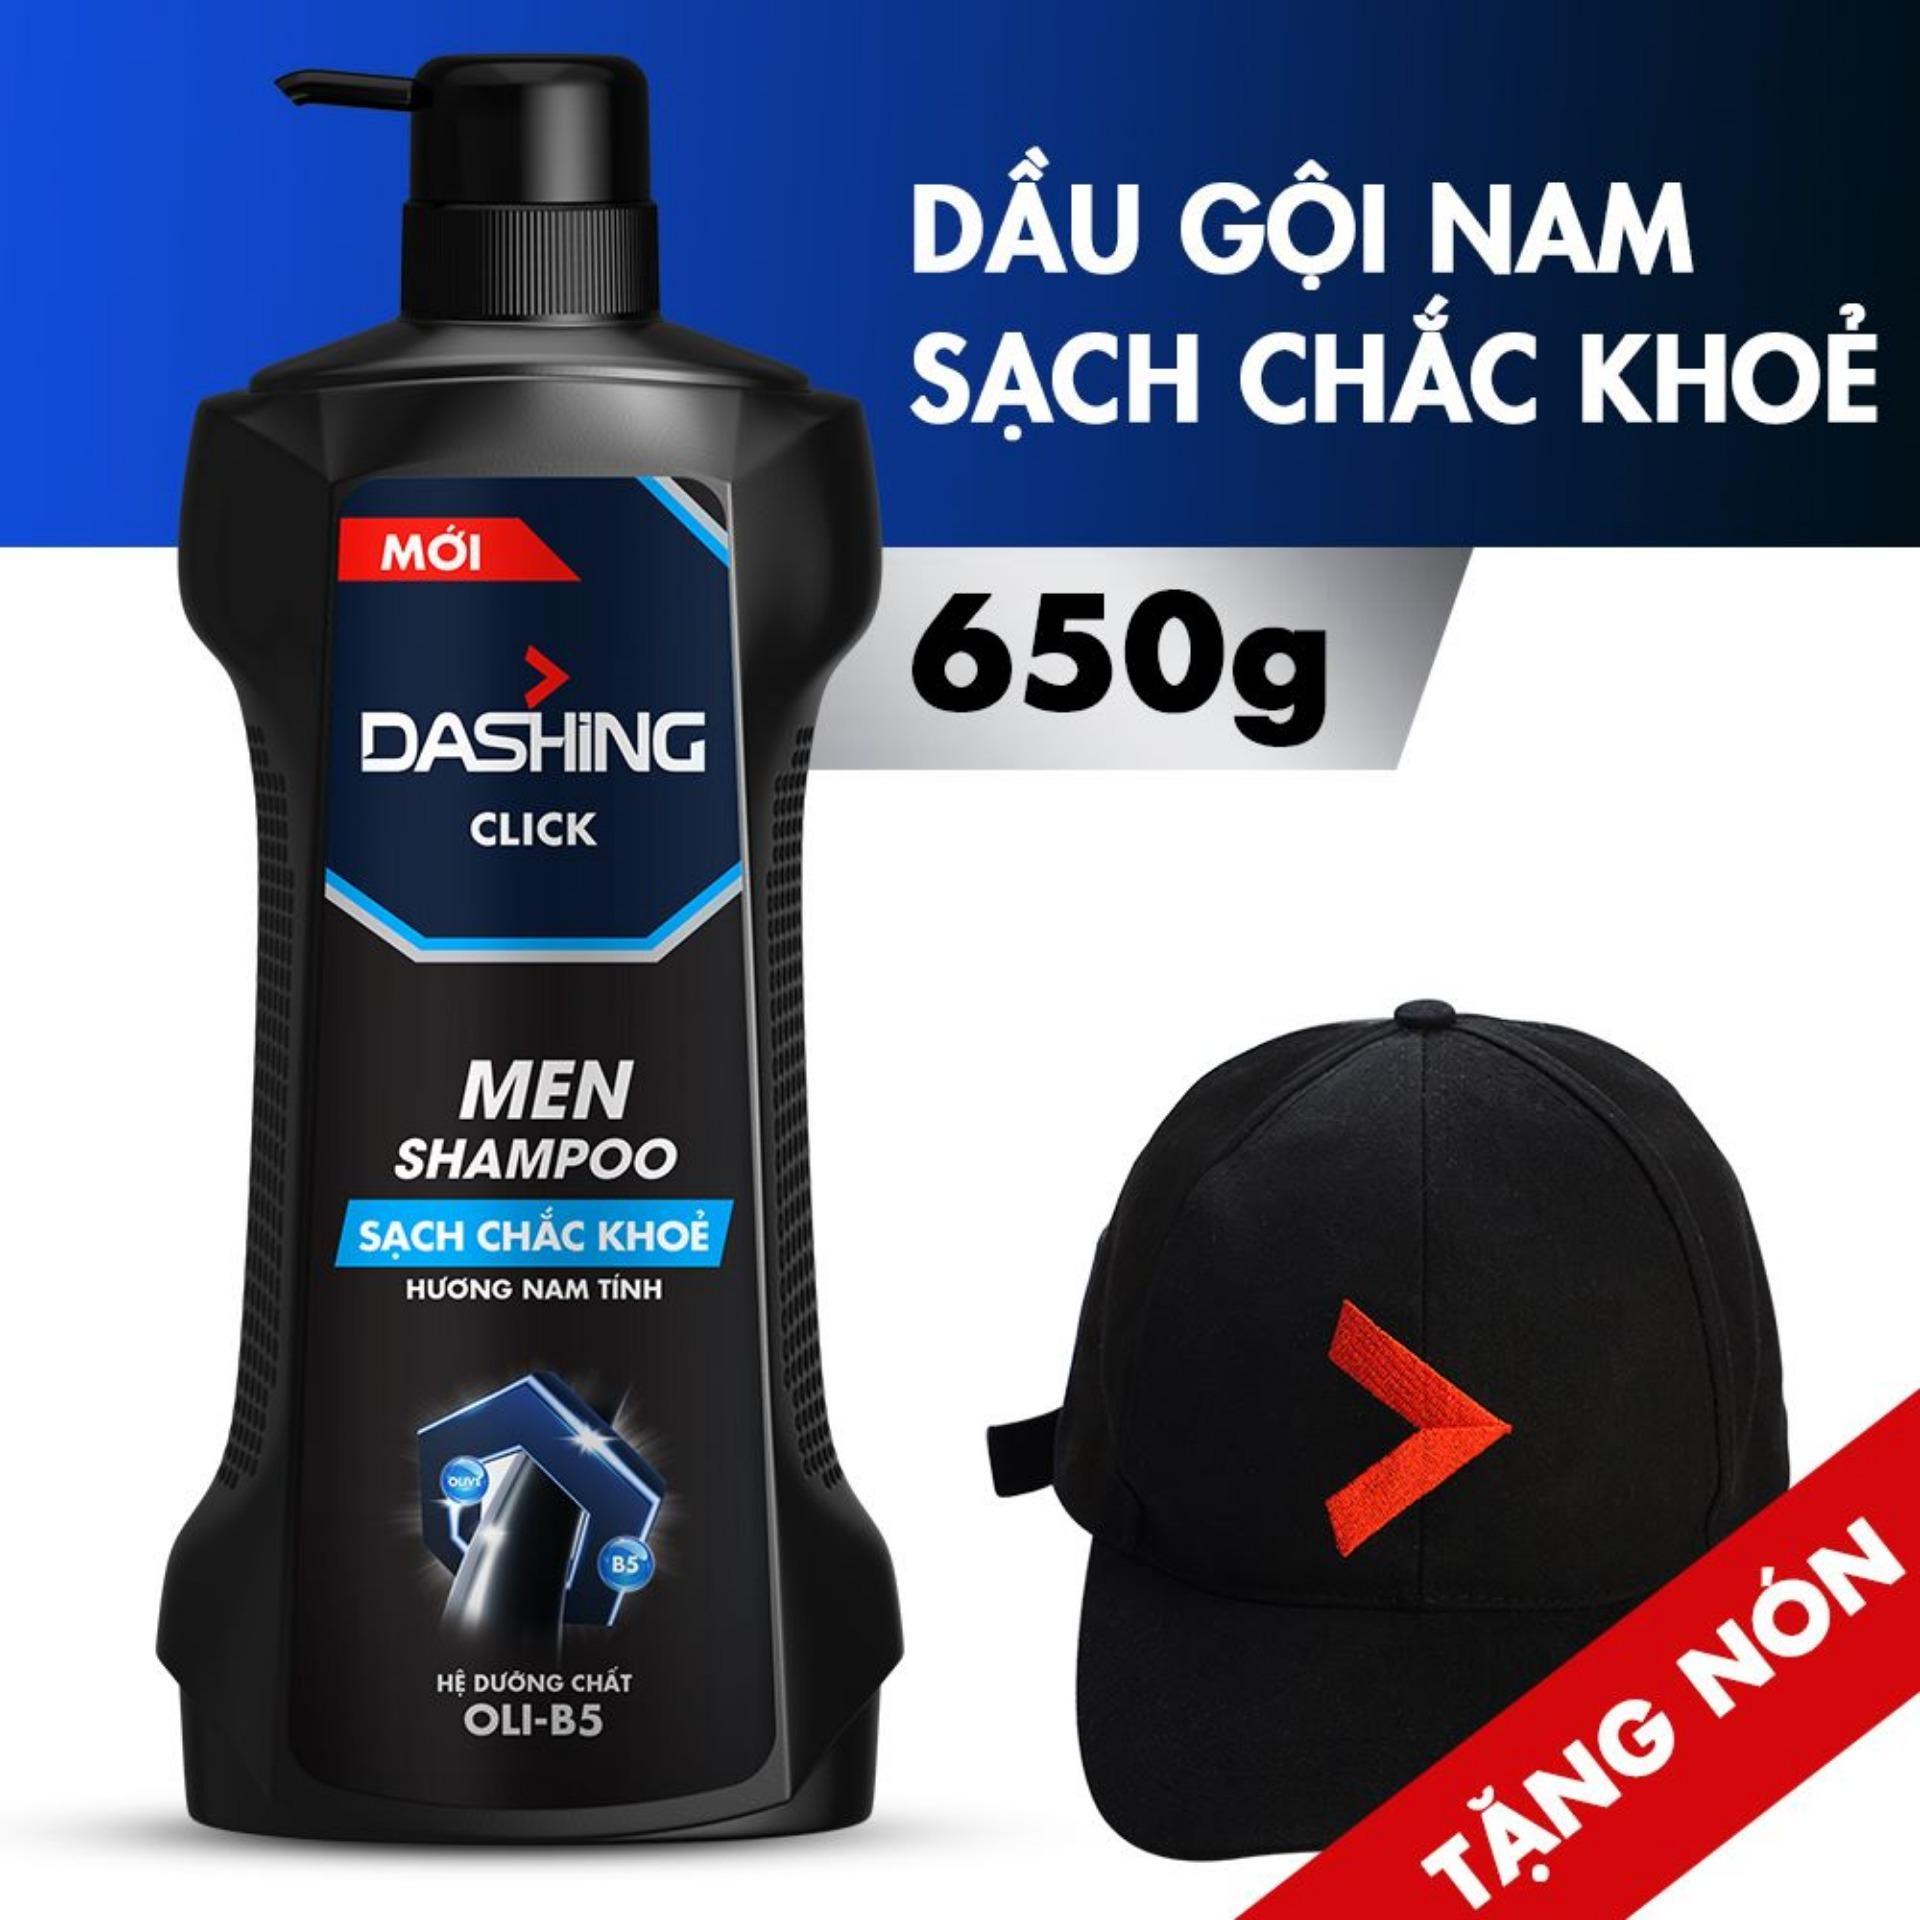 [Tặng nón thời thượng] Dầu gội cho tóc sạch chắc khỏe dành cho nam giới Dashing Click Men Shampoo 650g nhập khẩu